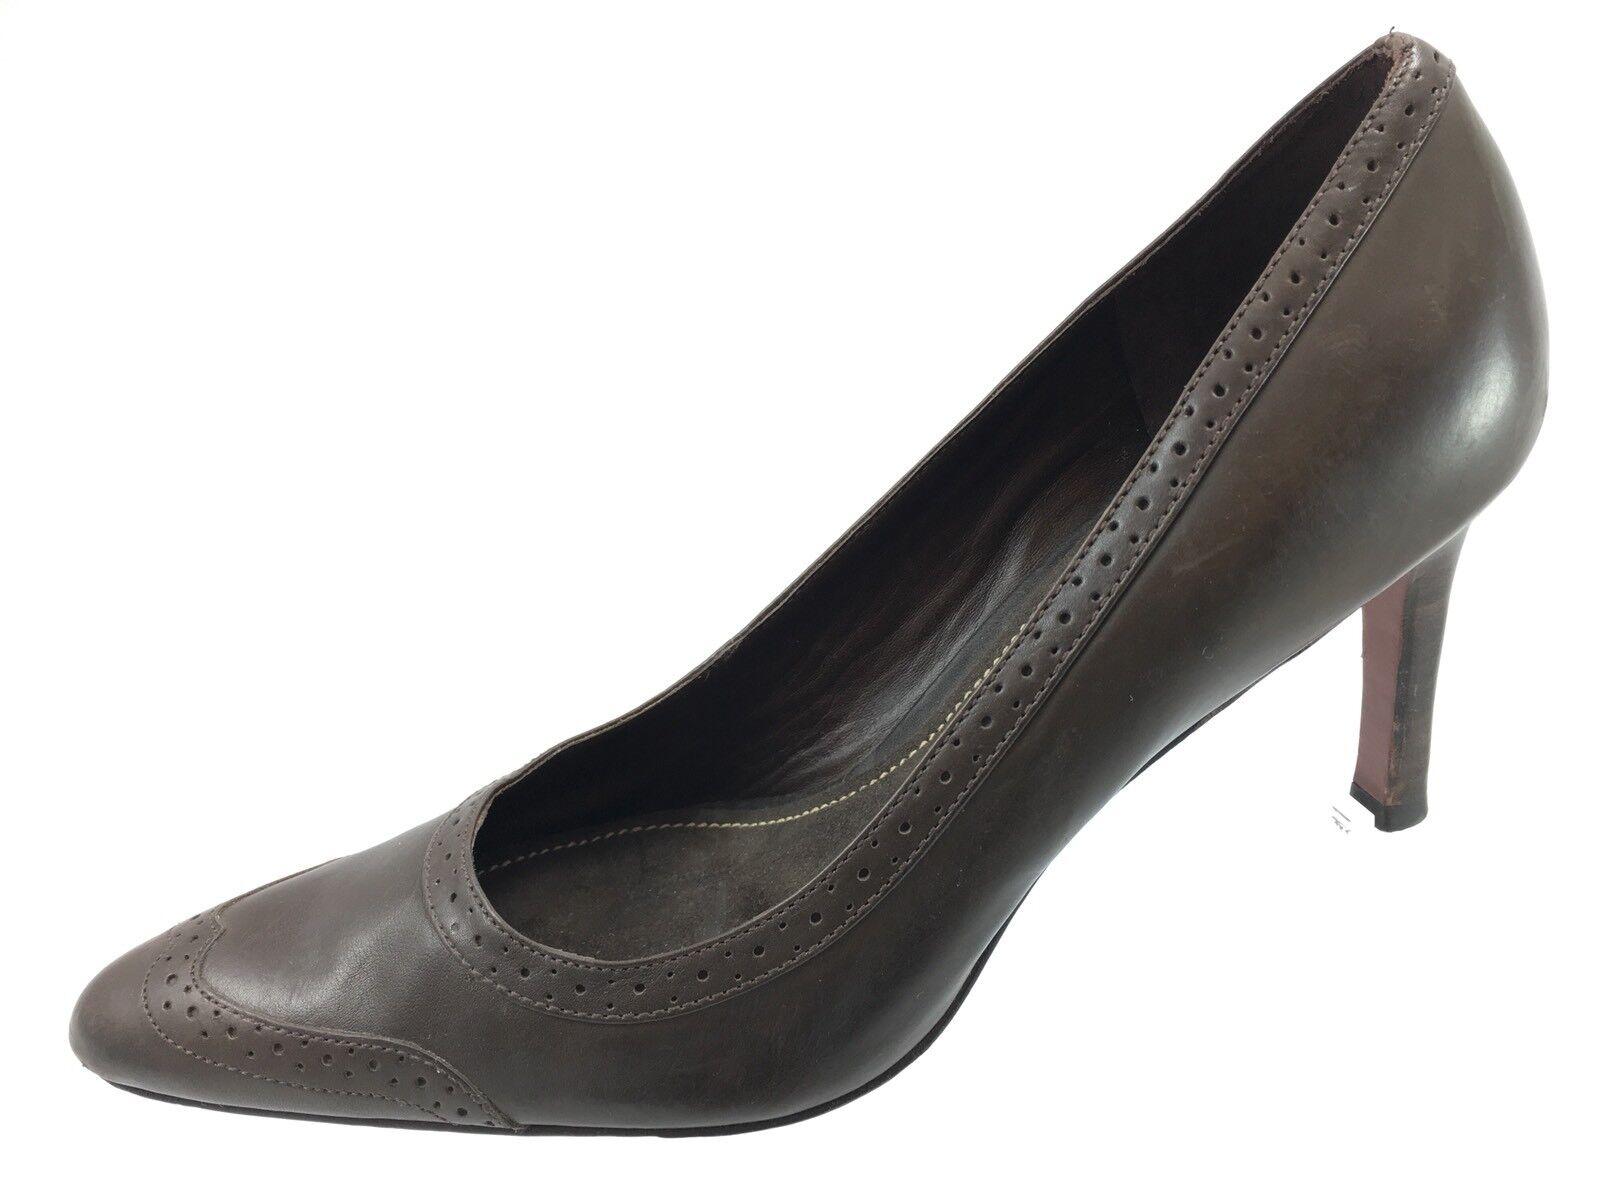 SH14 Lauren Ralph Lauren 7B Brown Leather Classic Pumps Heels Brogue Wingtip